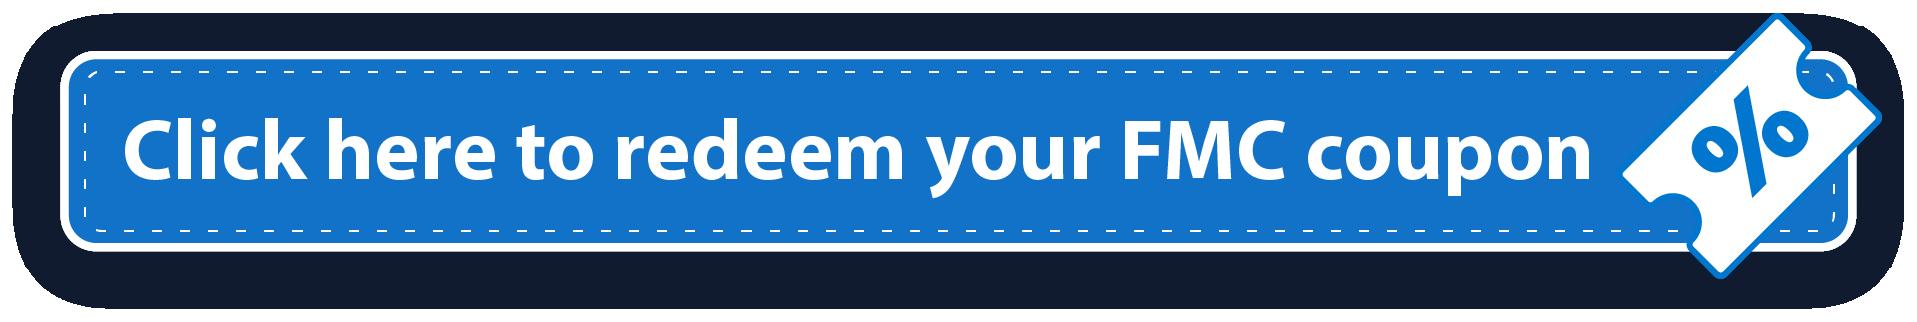 Redeem your FMC coupon